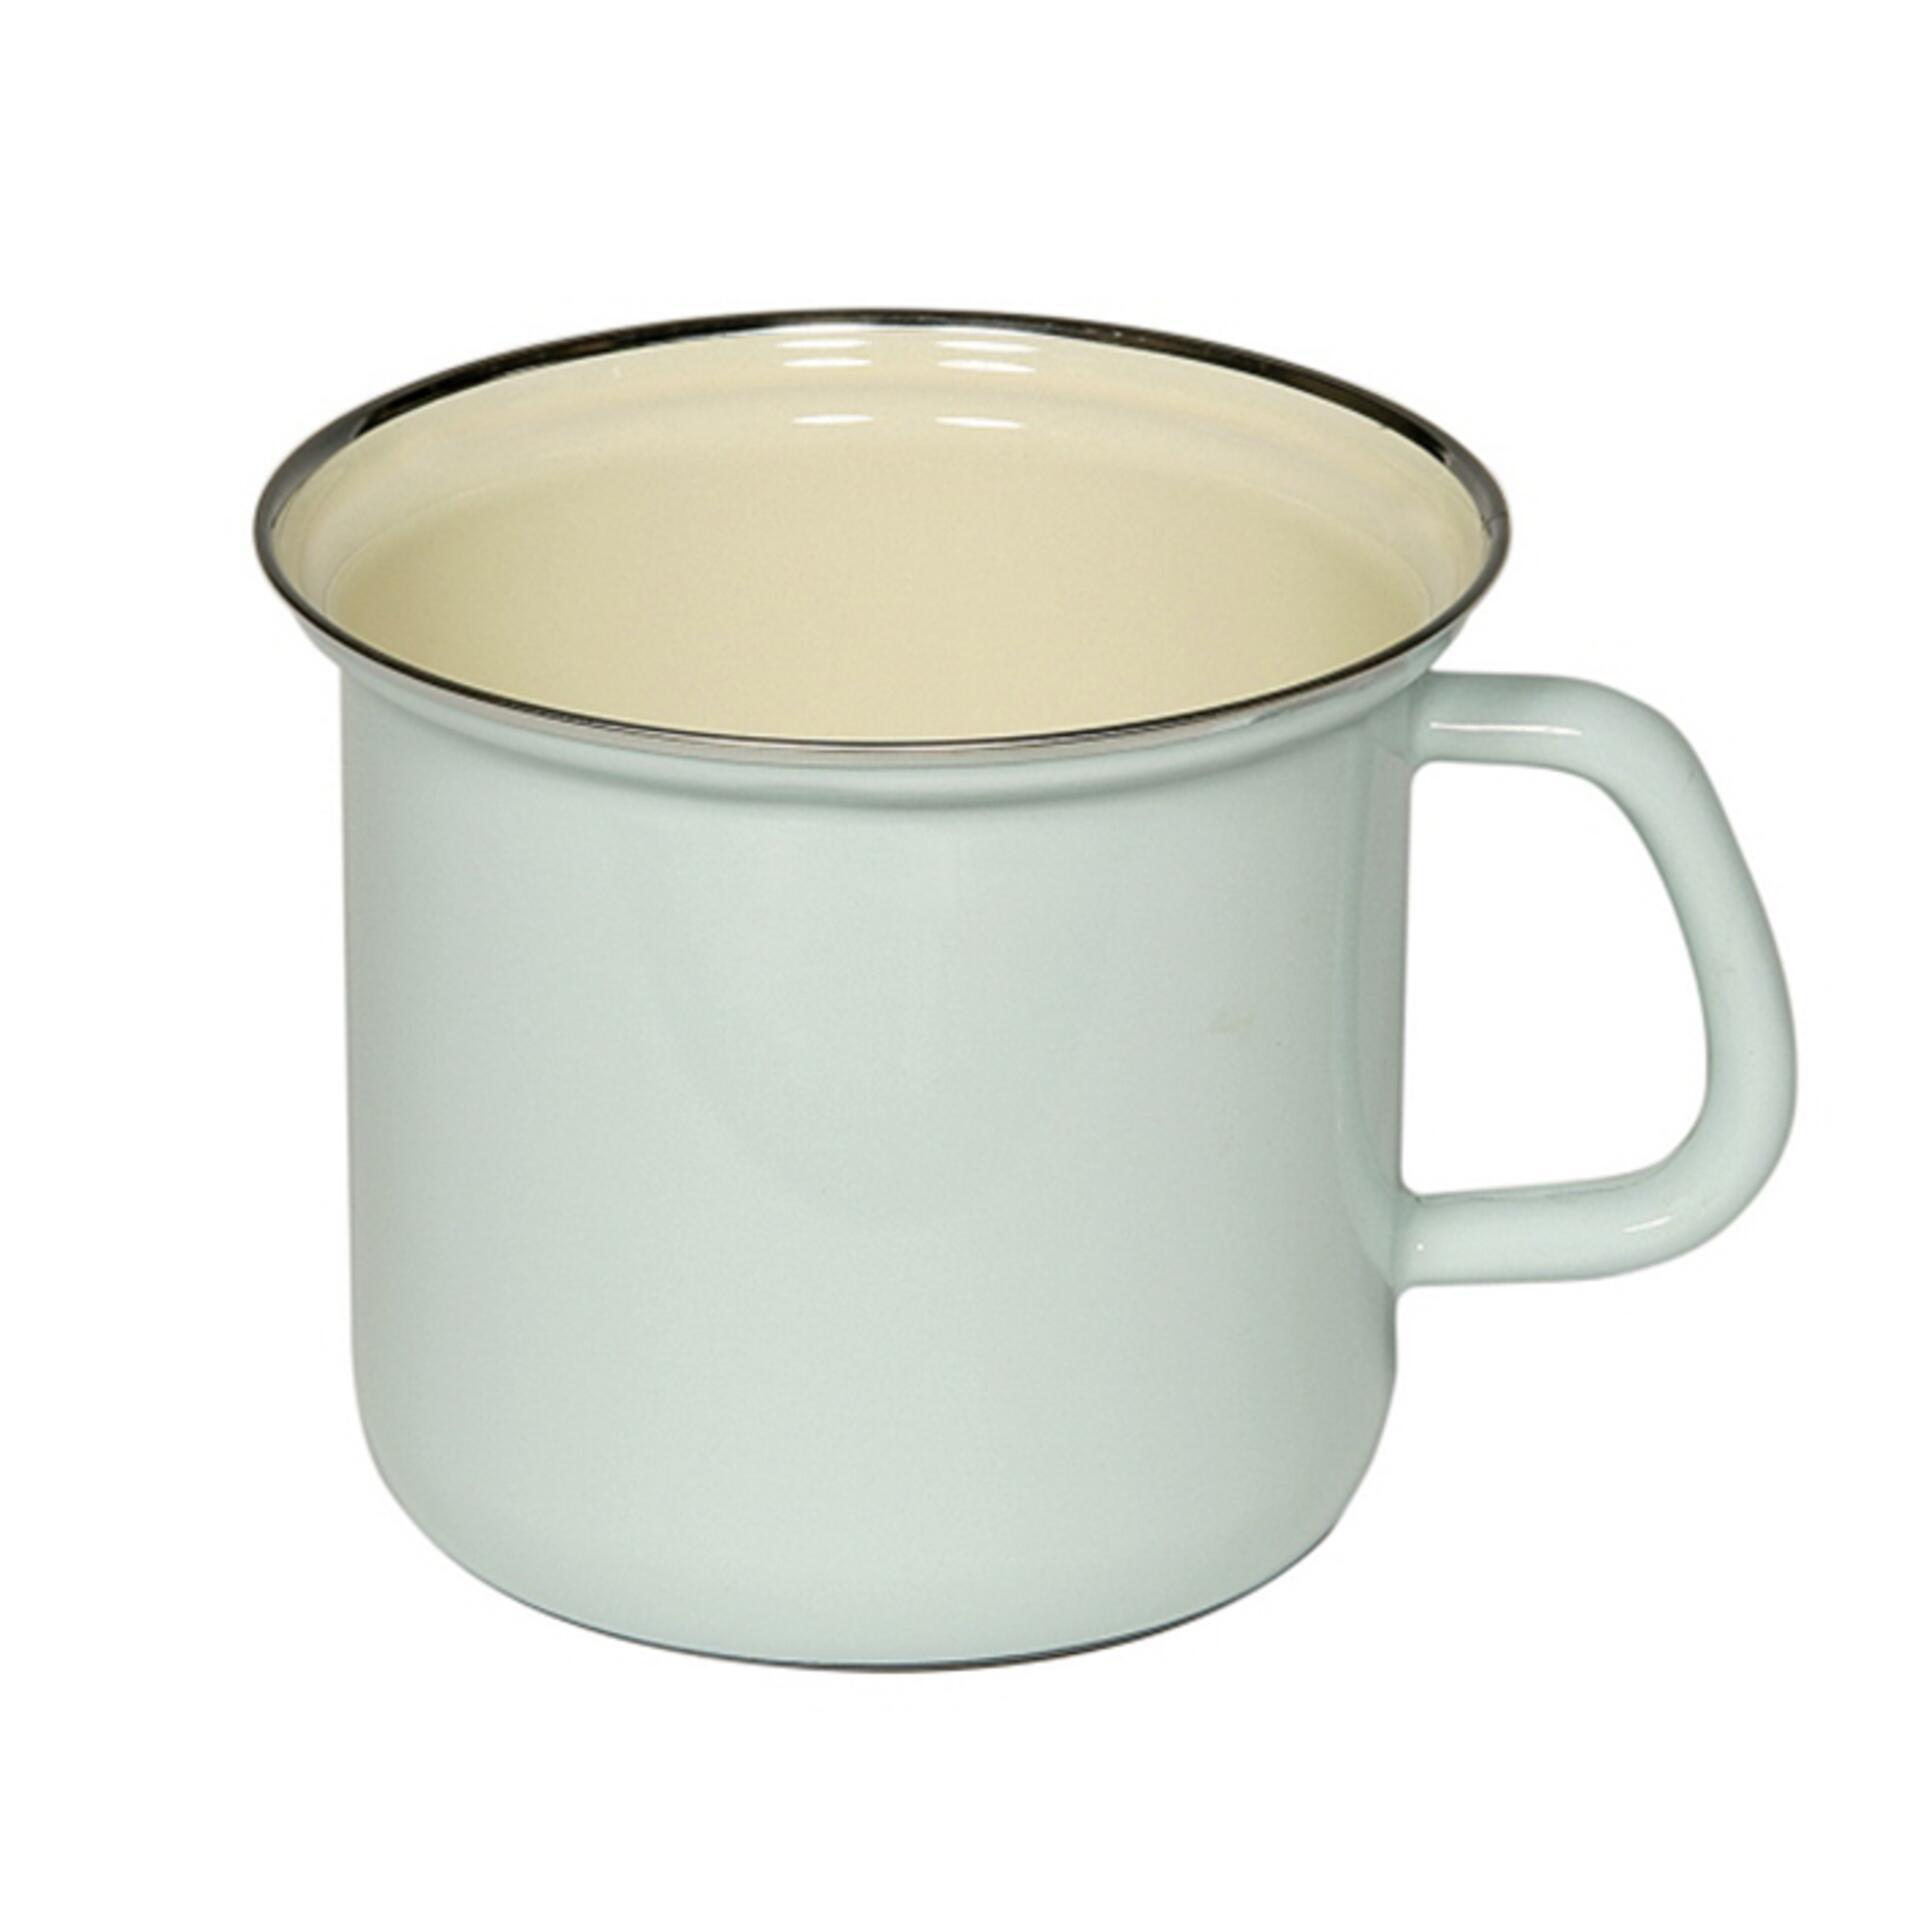 Riess Milchtopf mit Henkel Türkis